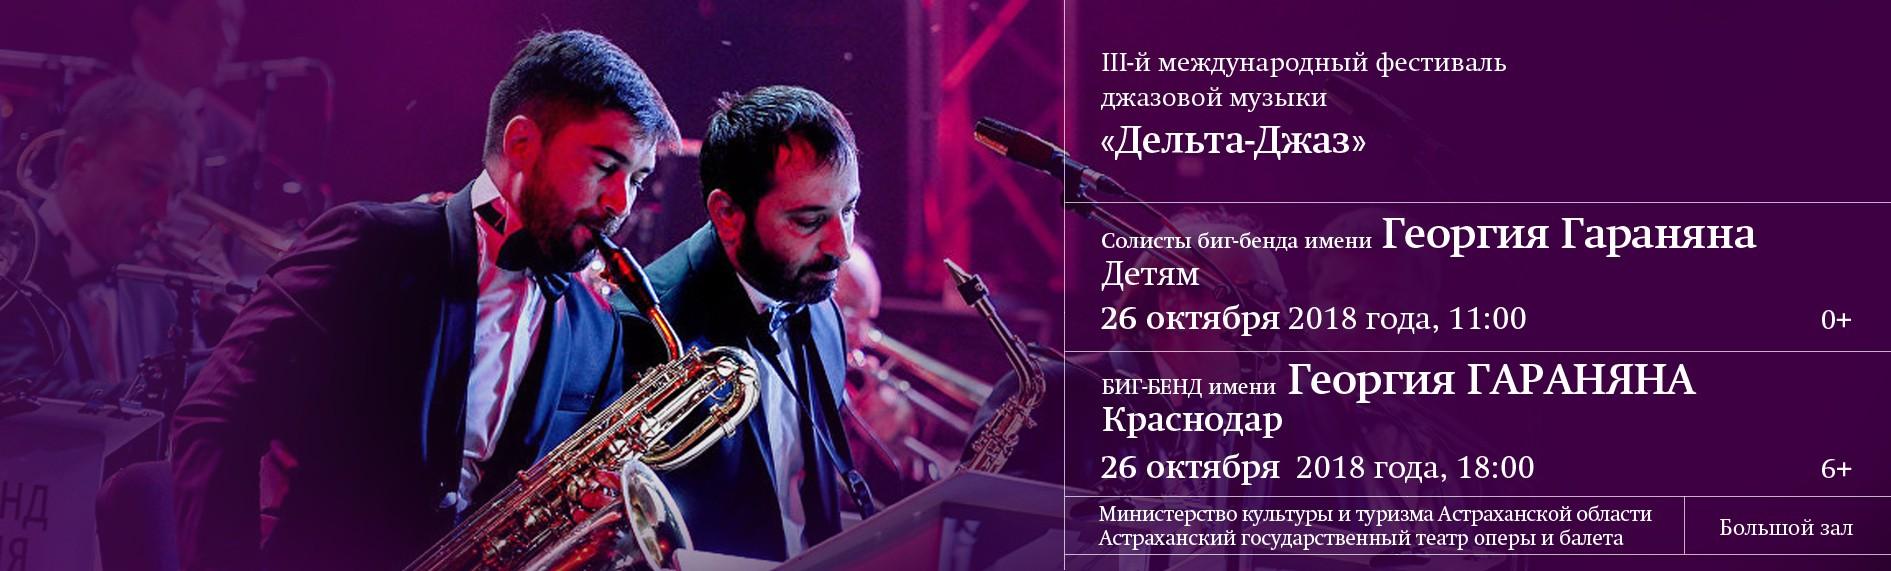 """Международный фестиваль """"Дельта-джаз"""".Эстрадный ансамбль п/y Г.Гараняна"""